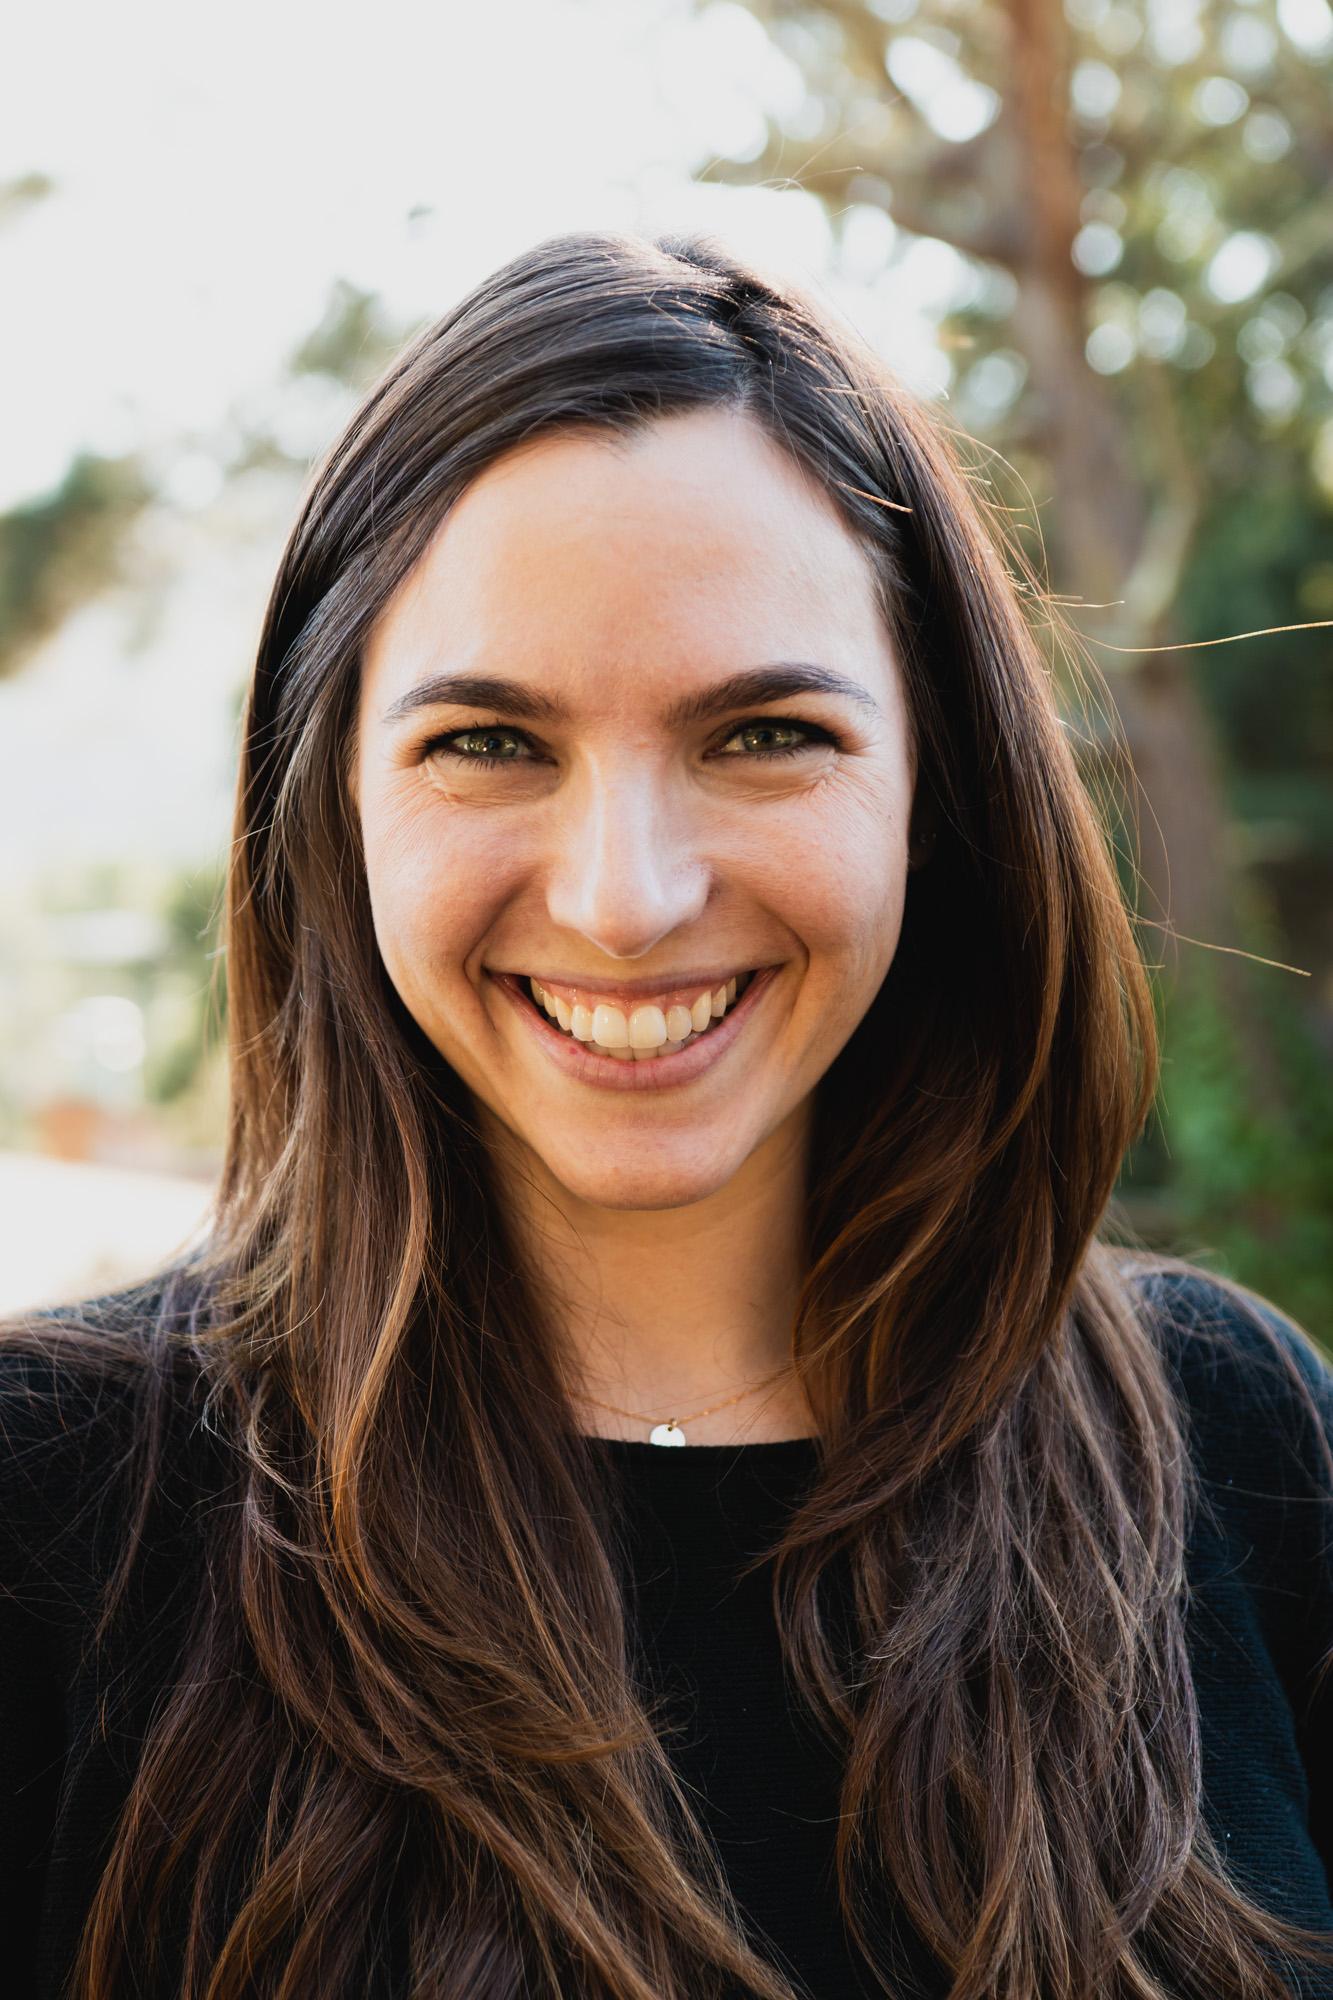 Lexie Papedo Gasparini